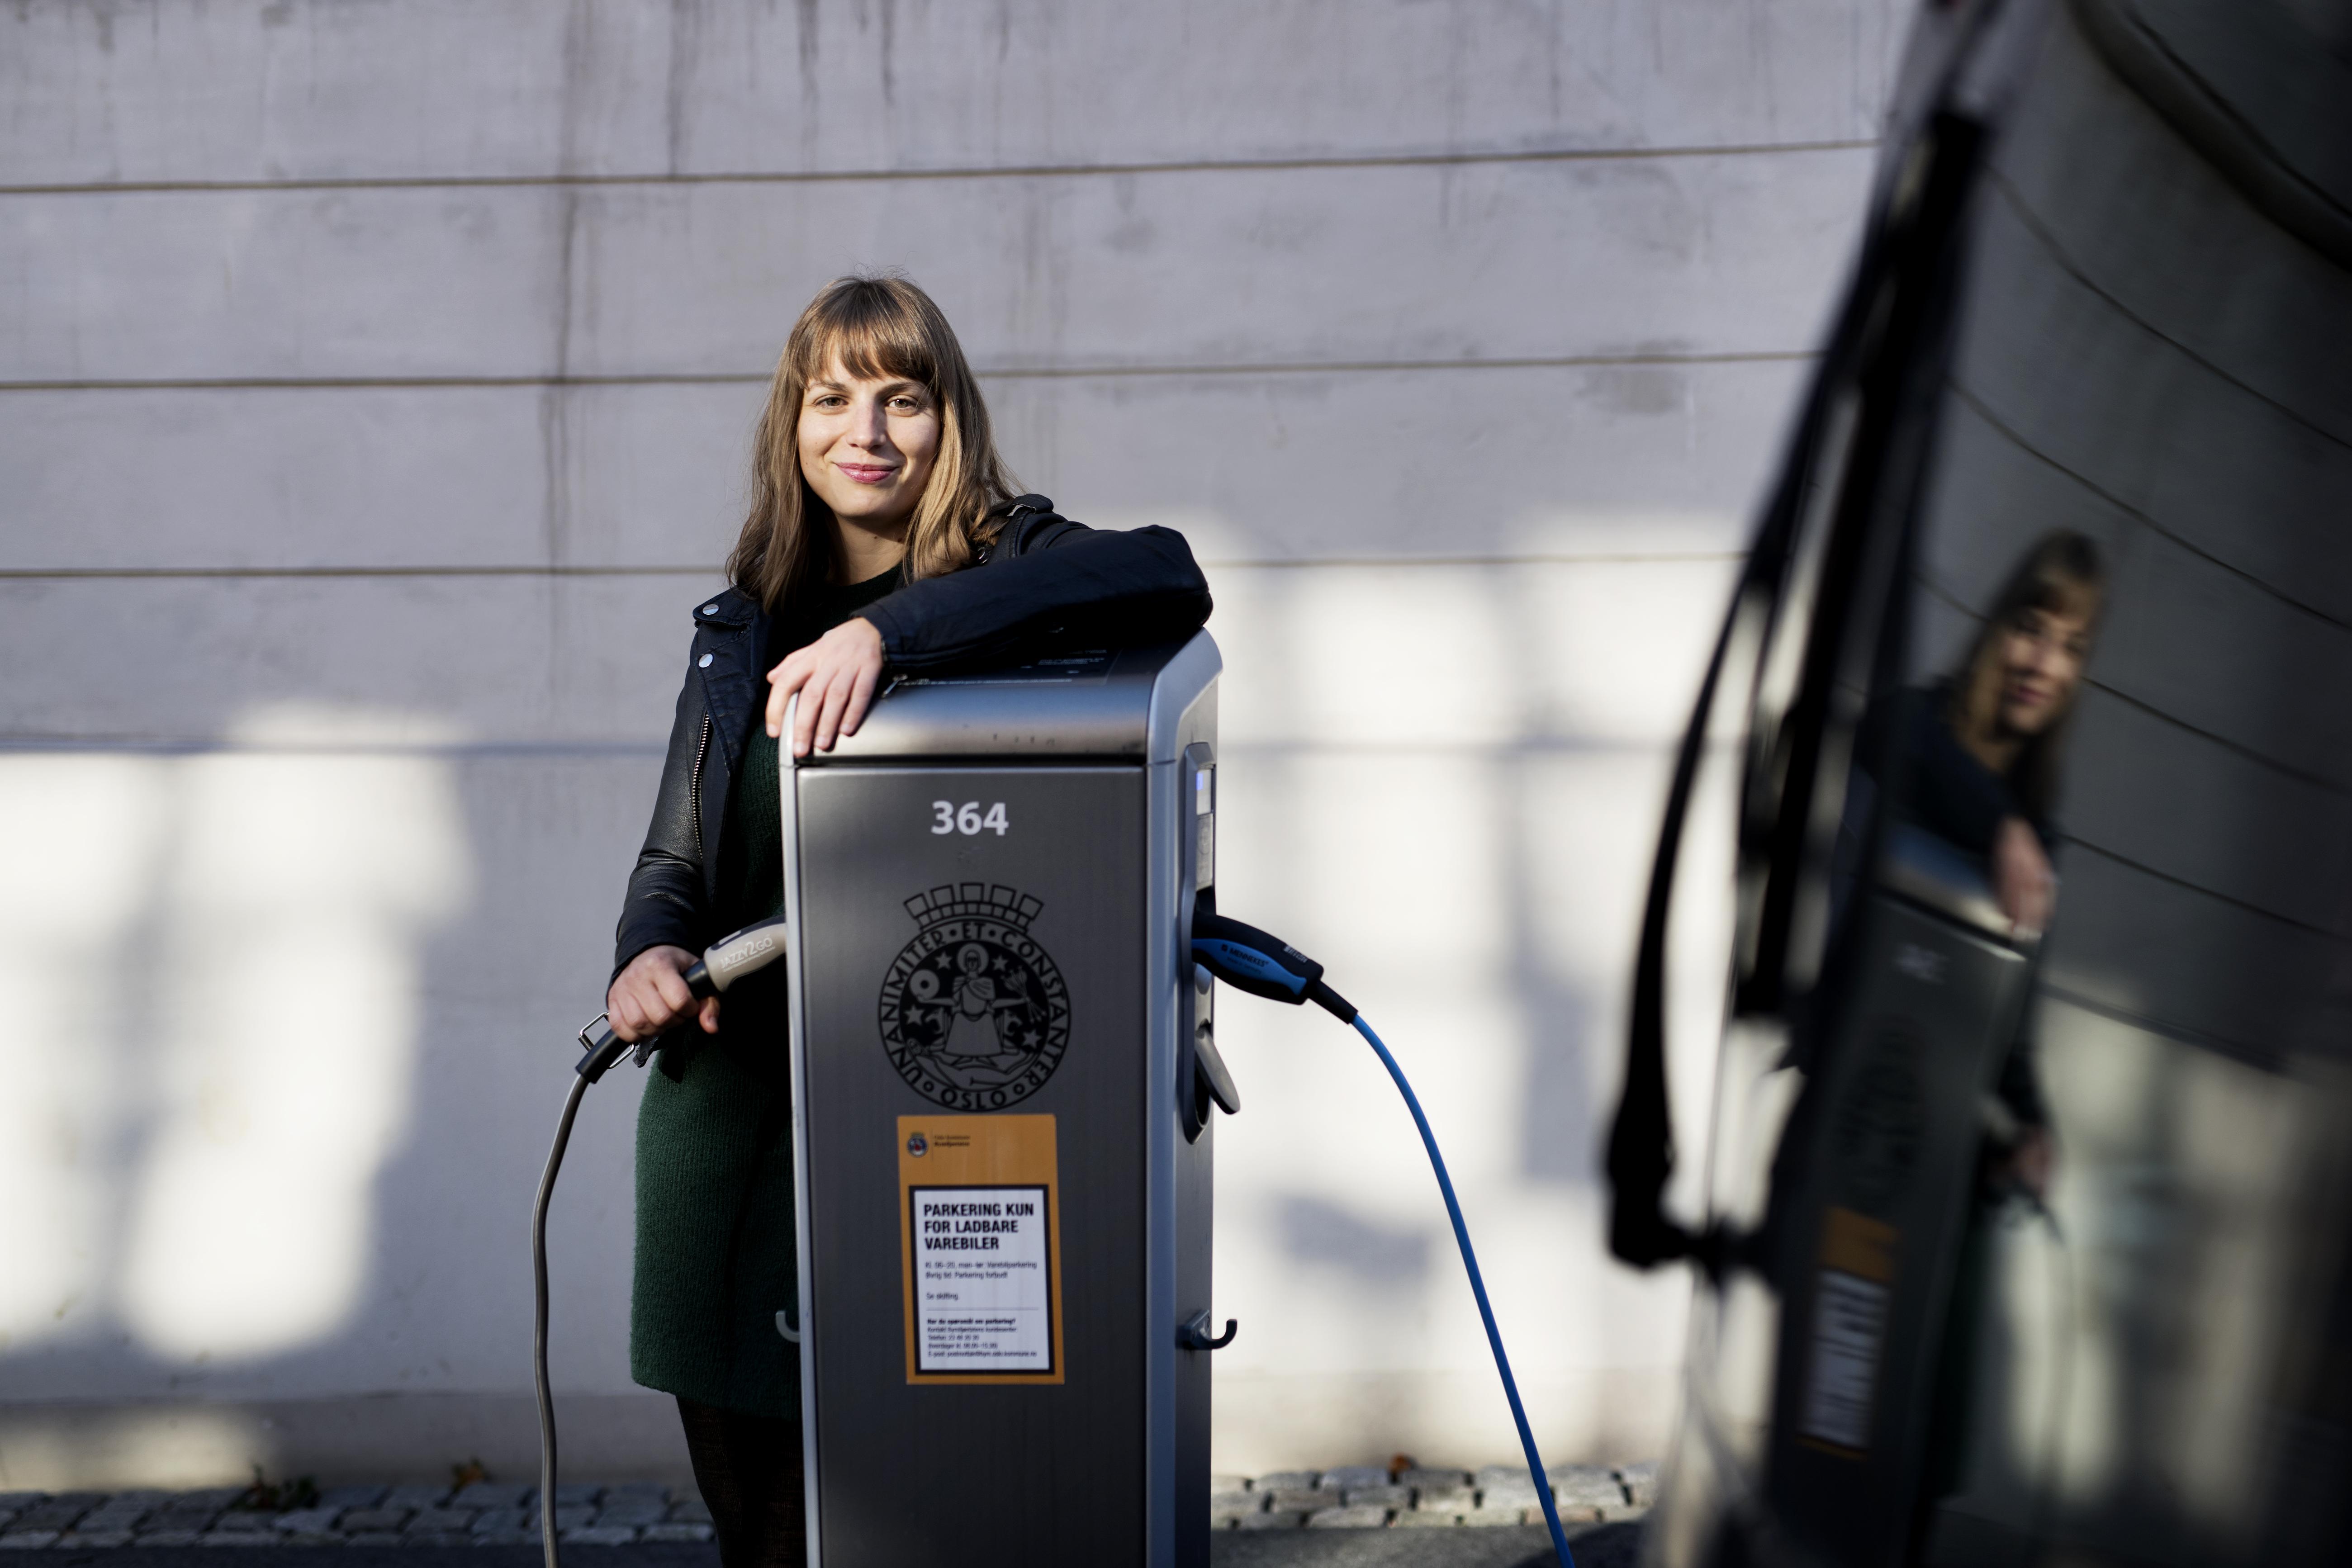 Variert hverdag: Vera Øian kan jobbe med alt fra momsfritak for el-biler til filminsentivordninger i jobben i Nærings- og fiskeridepartementet. Foto: Siv Dolmen